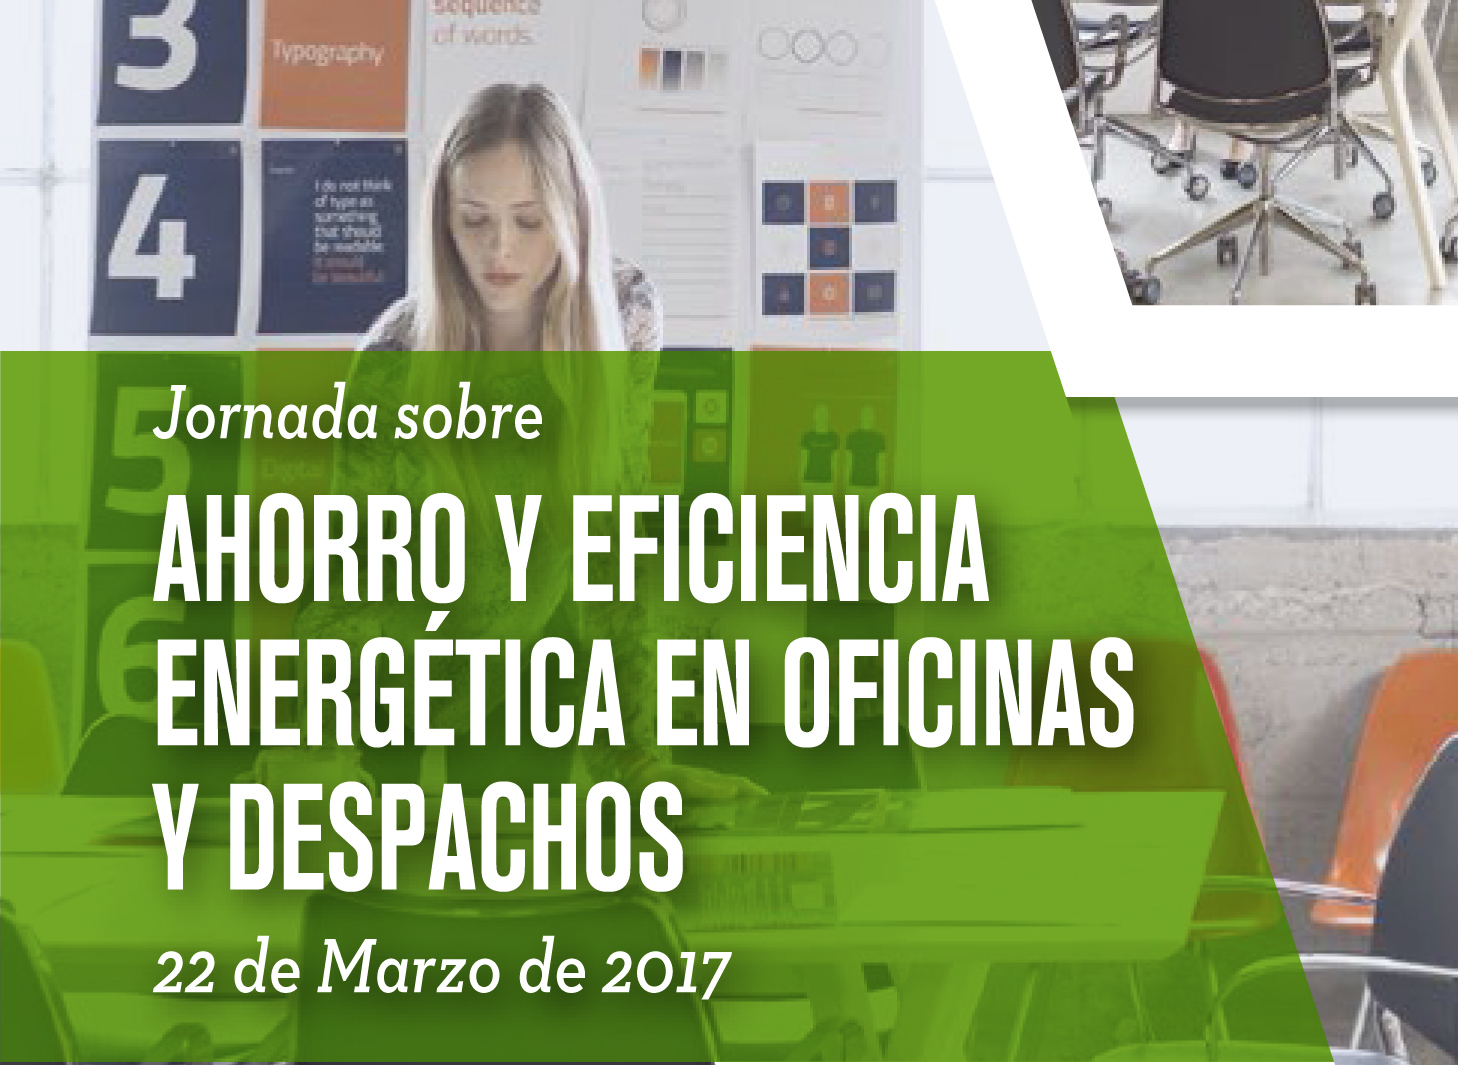 Jornada sobre ahorro y eficiencia energ tica en oficinas y for Oficinas y despachos madrid